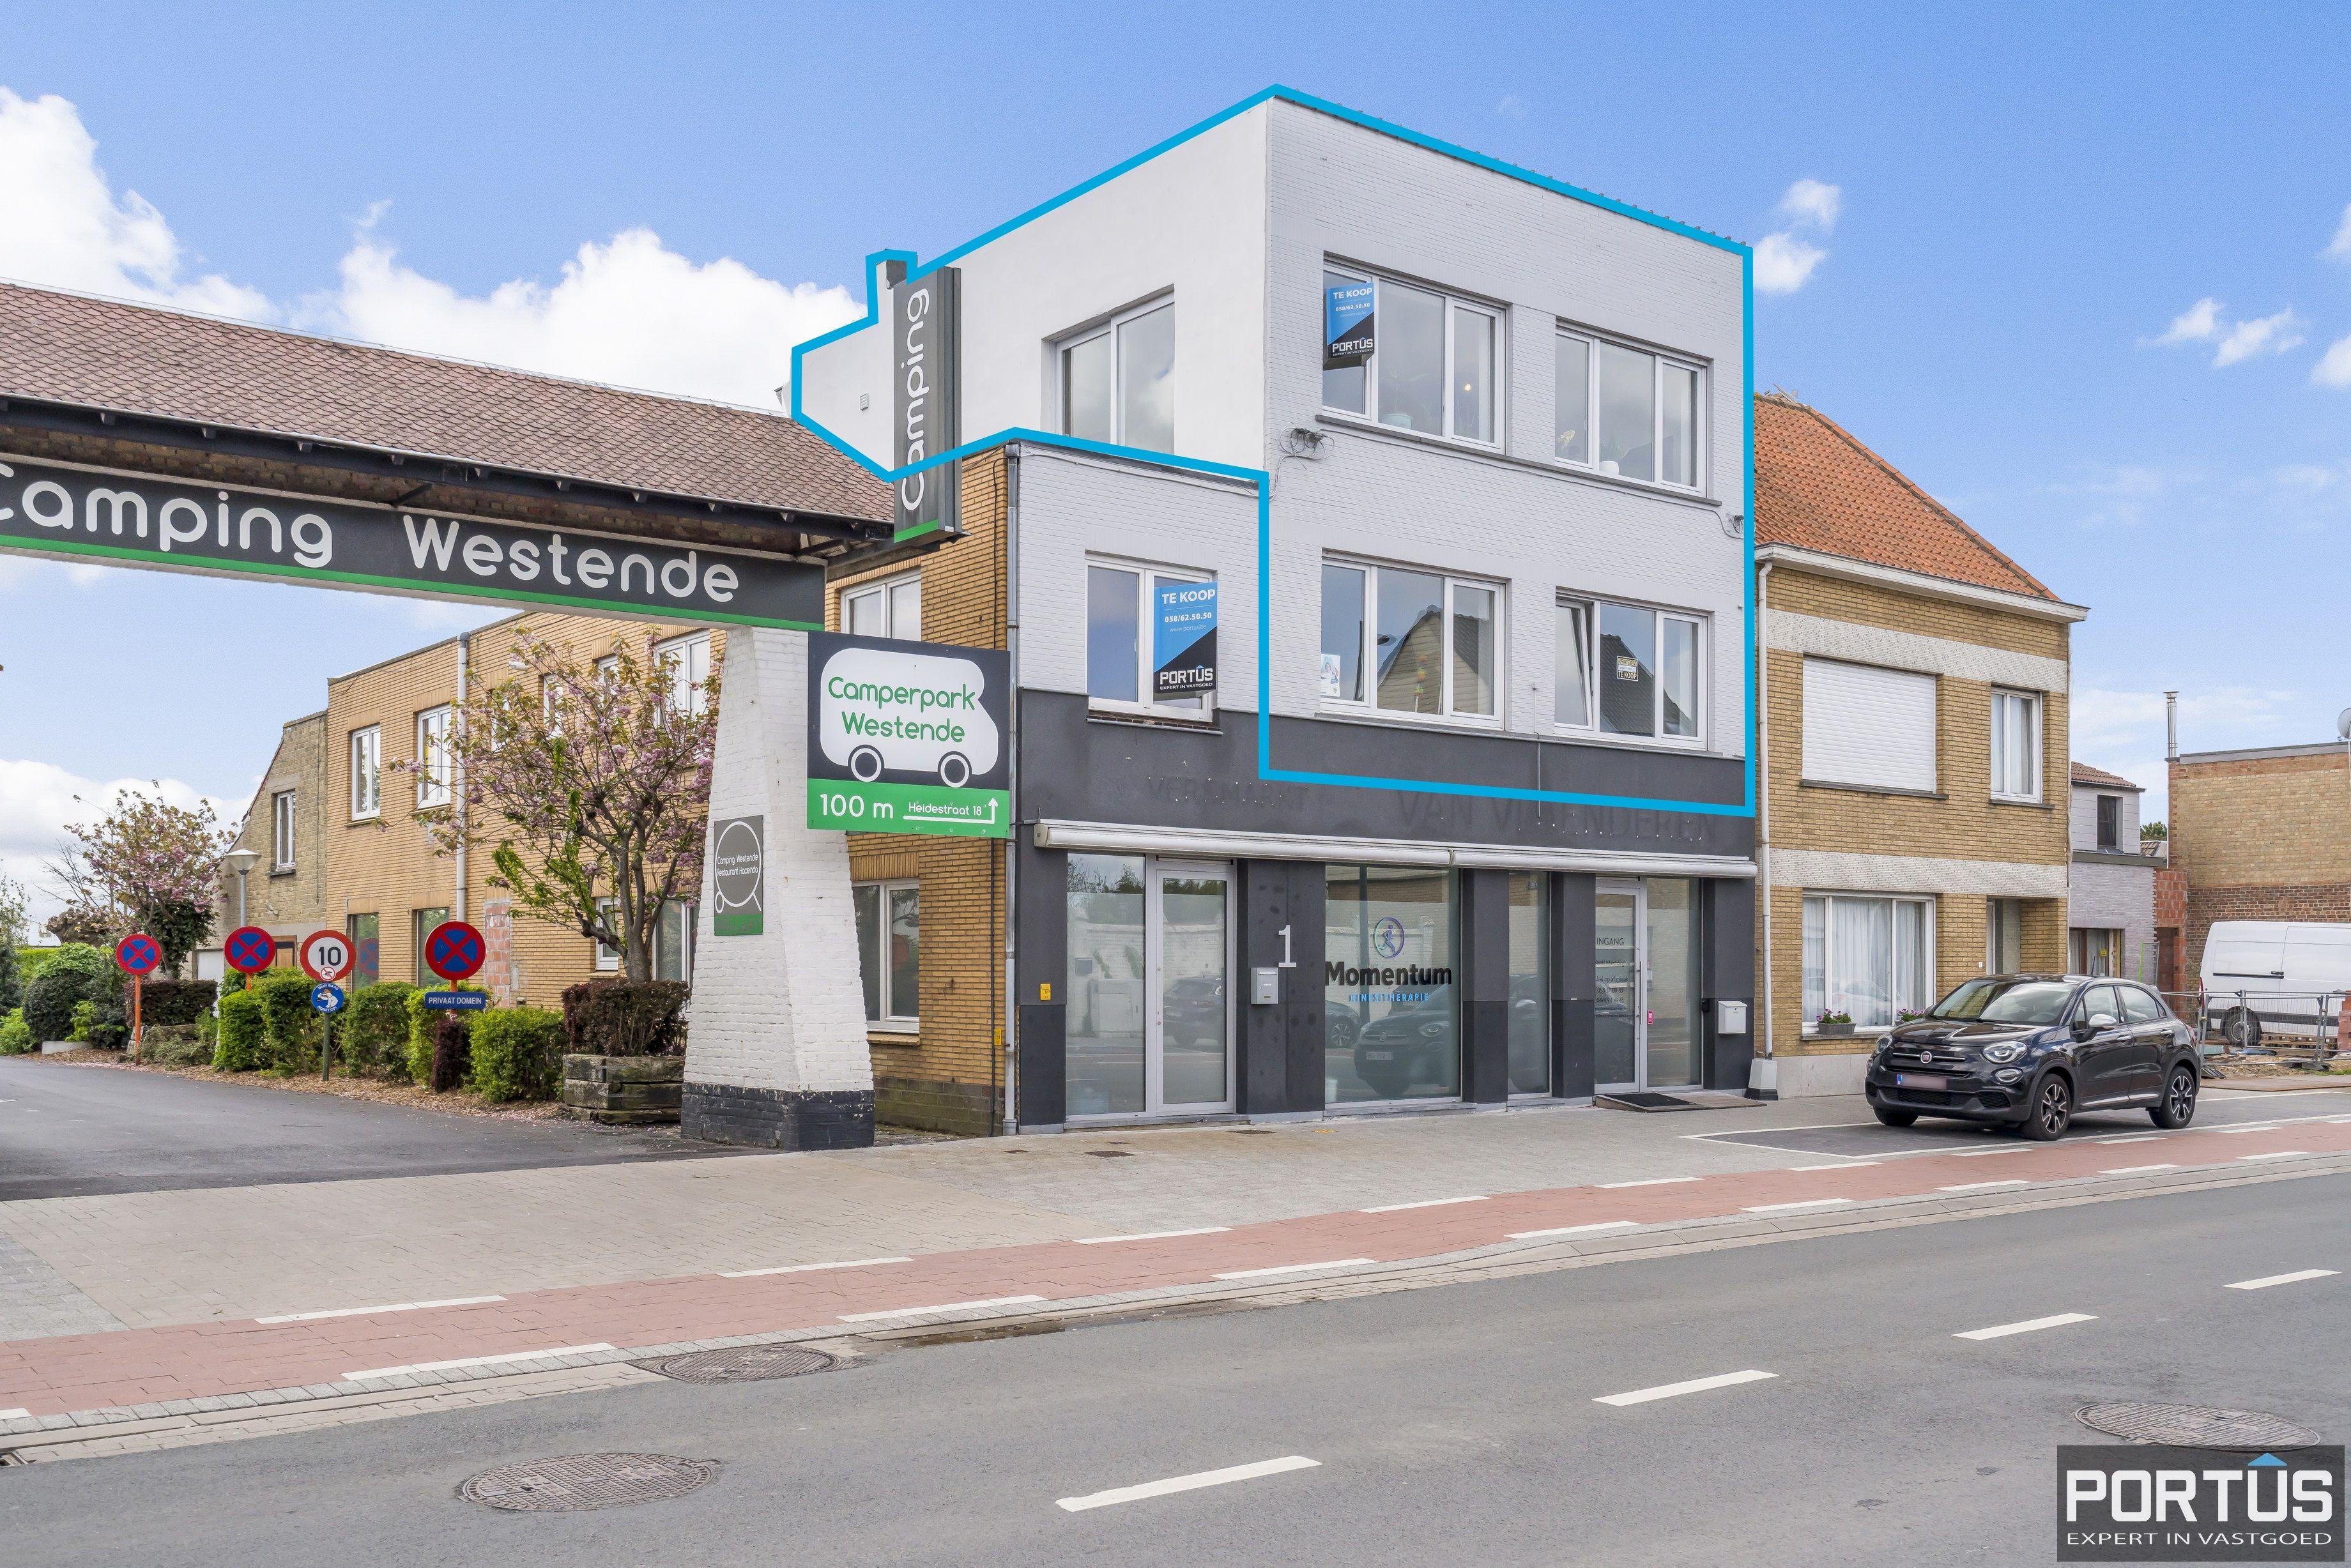 Appartement met 3 slaapkamers te koop te Westende - 12860